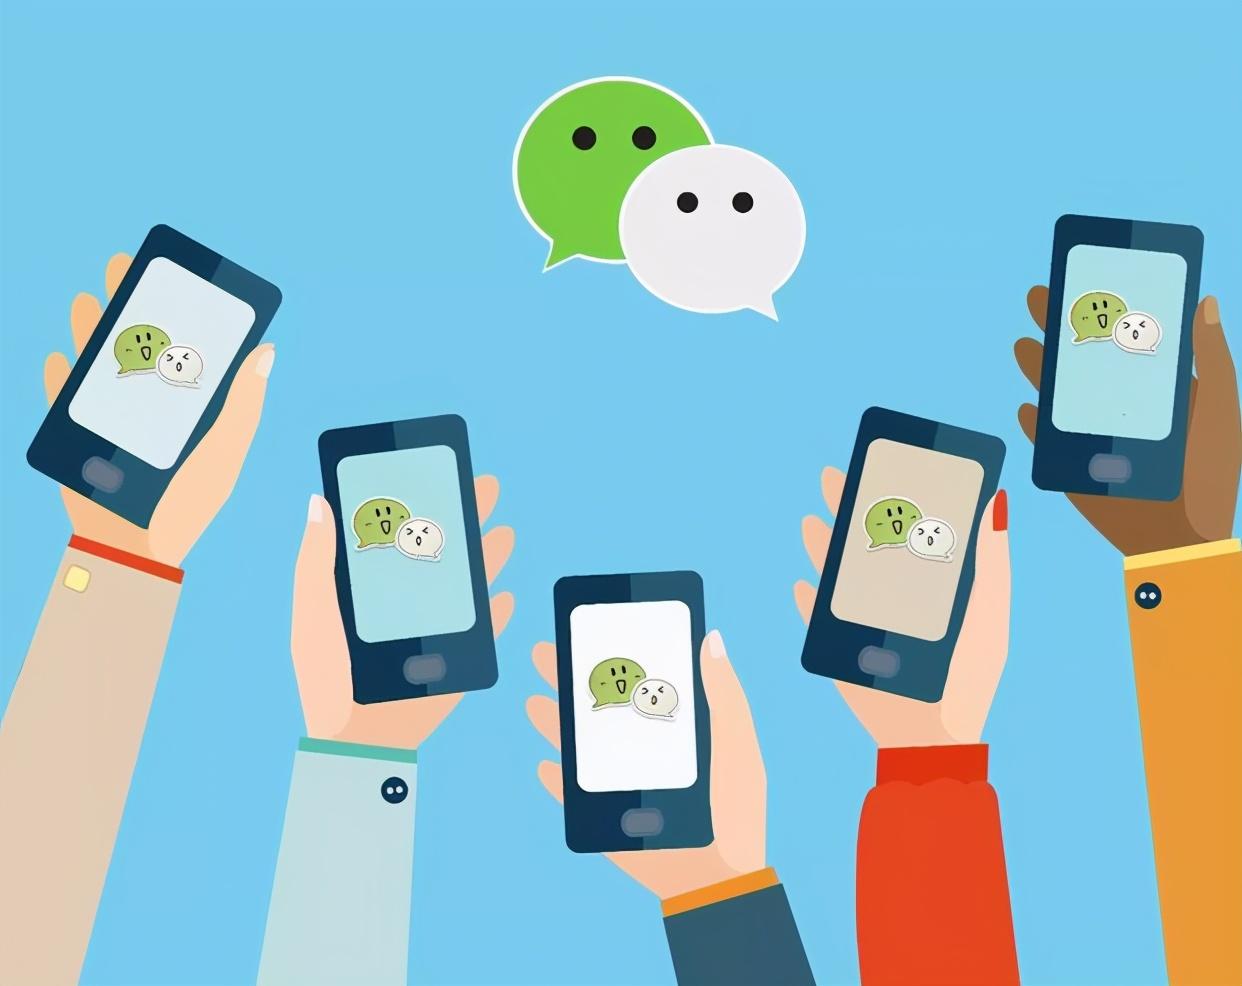 微信封禁新规来了,这五类用户一个都跑不掉,一旦发现被永久封禁